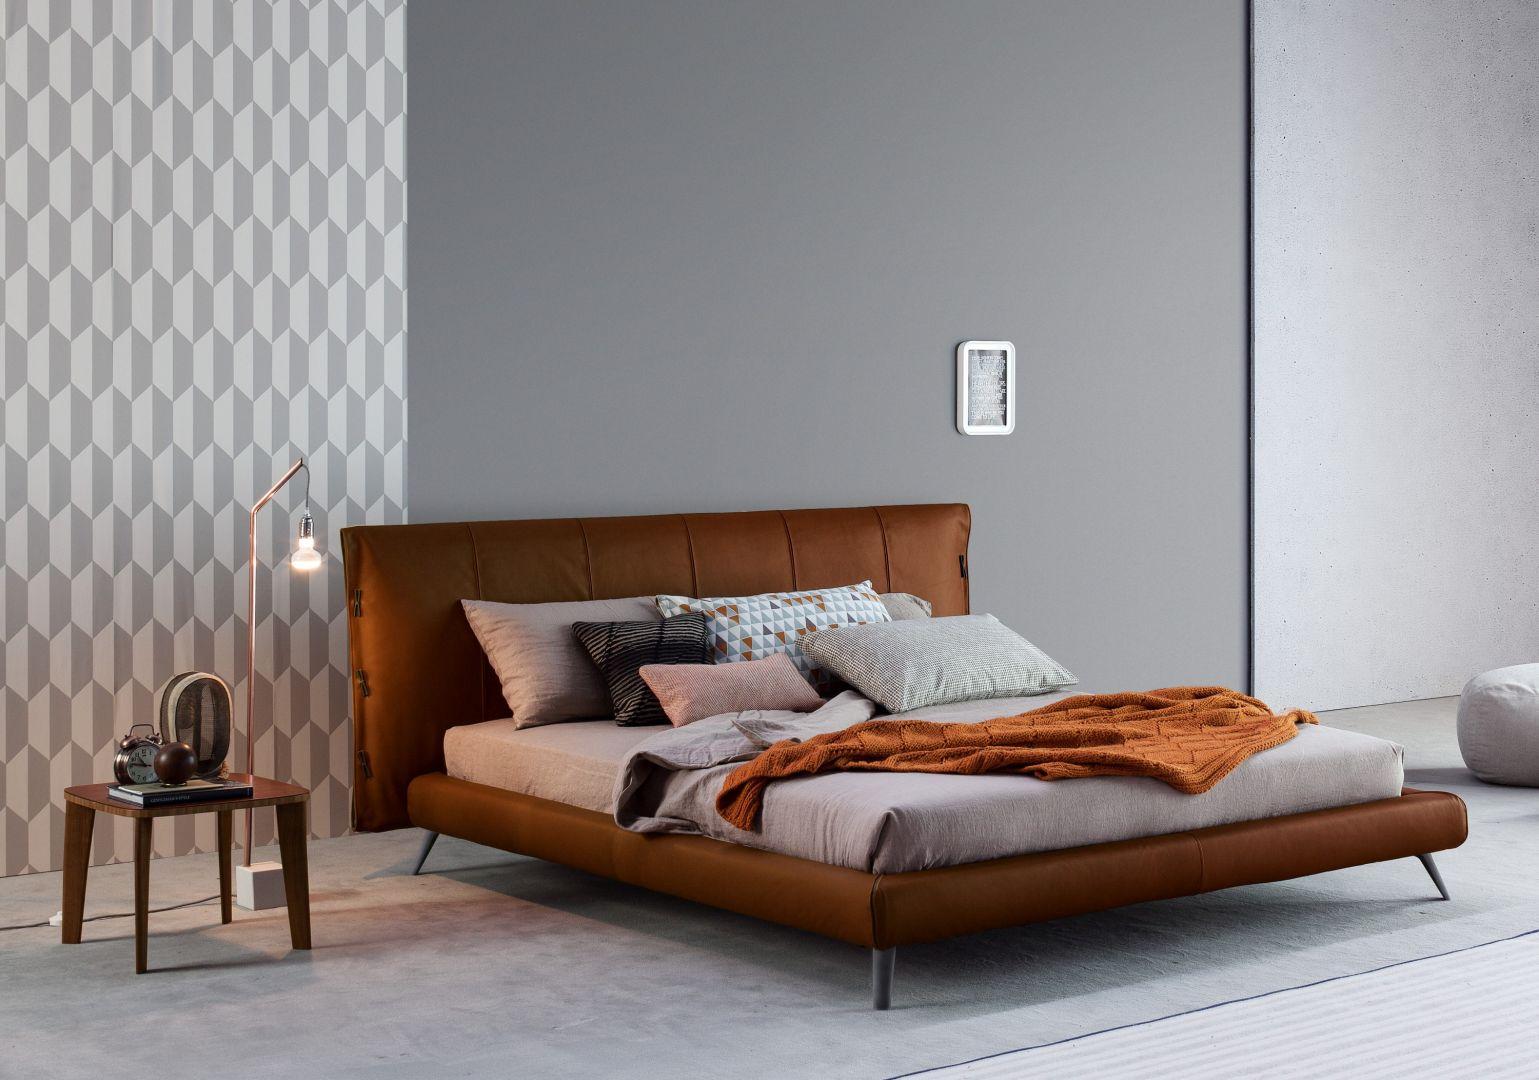 Łóżko tapicerowane marki Bonaldo model Cuff.